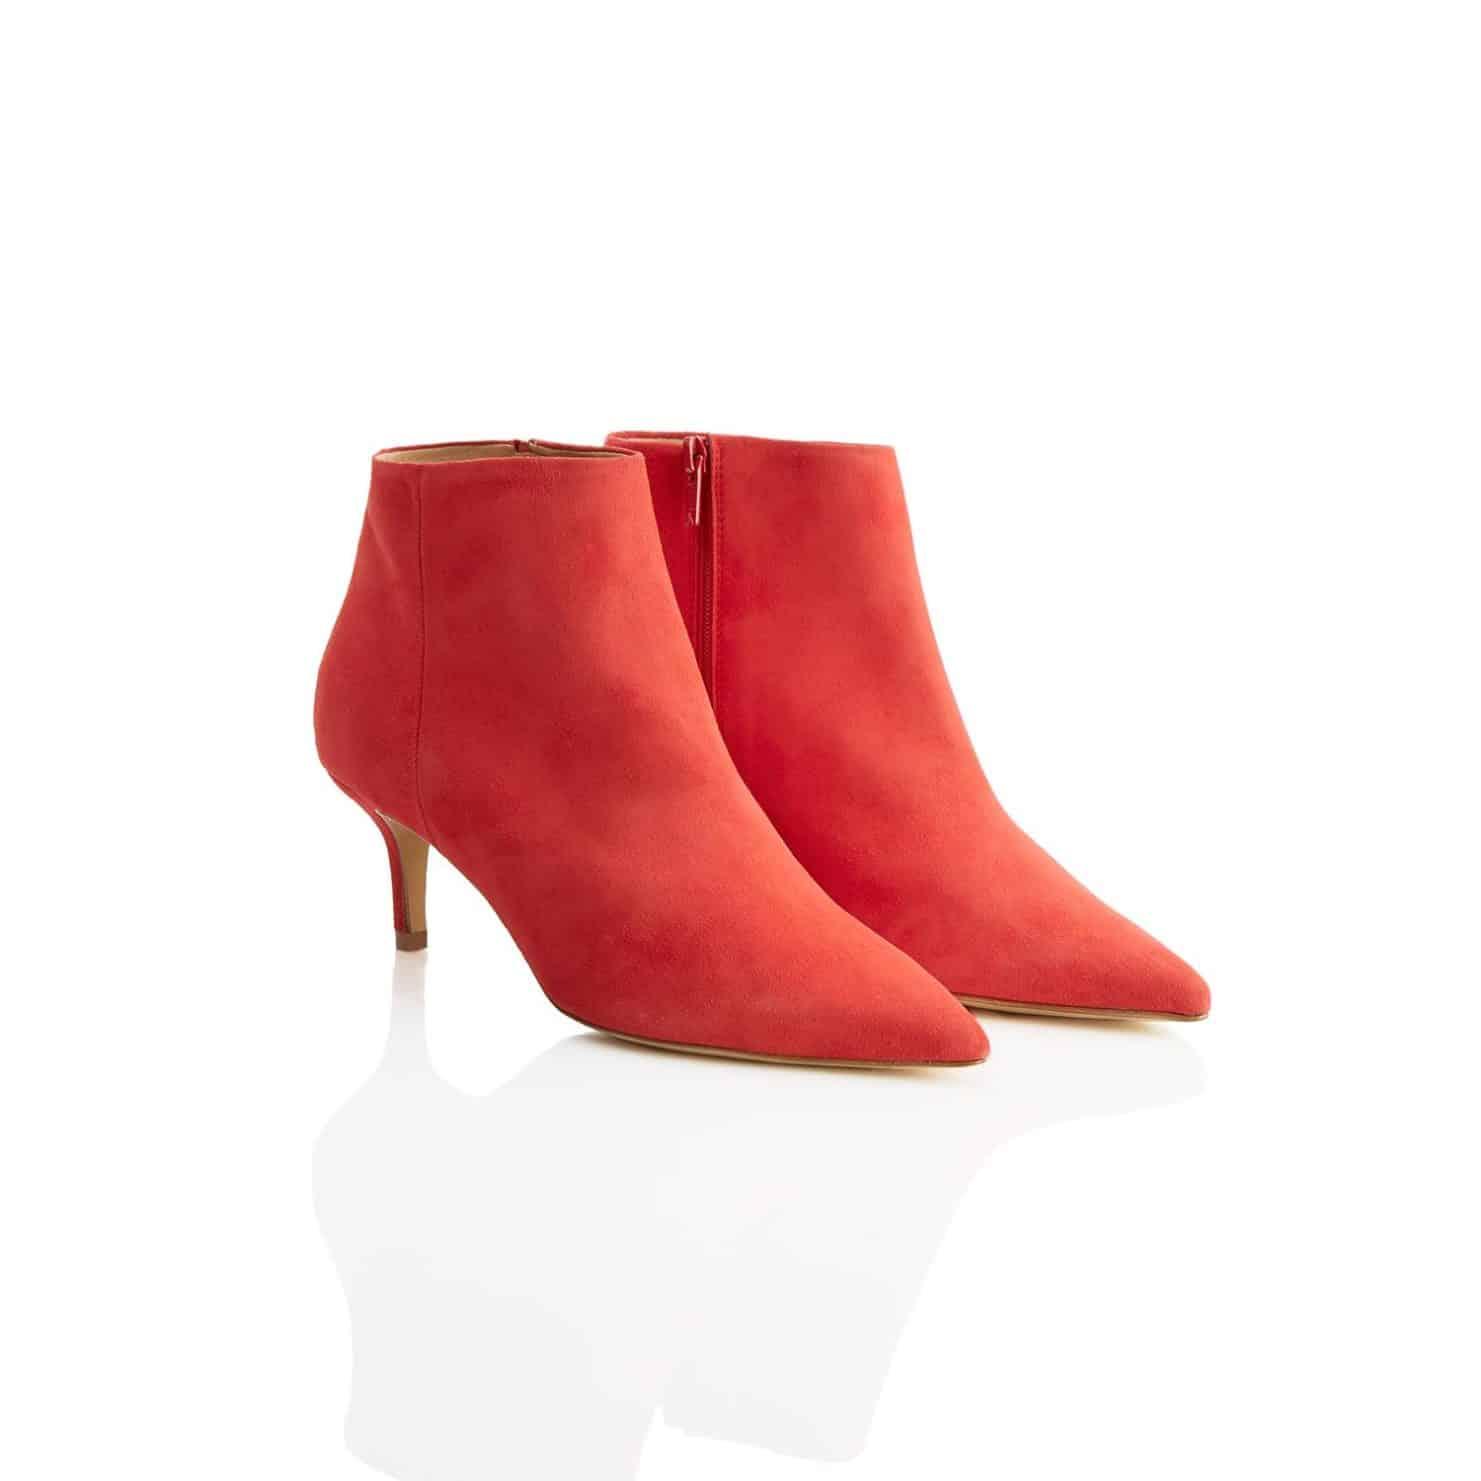 contigo scarpe rosse estate 2018 donna